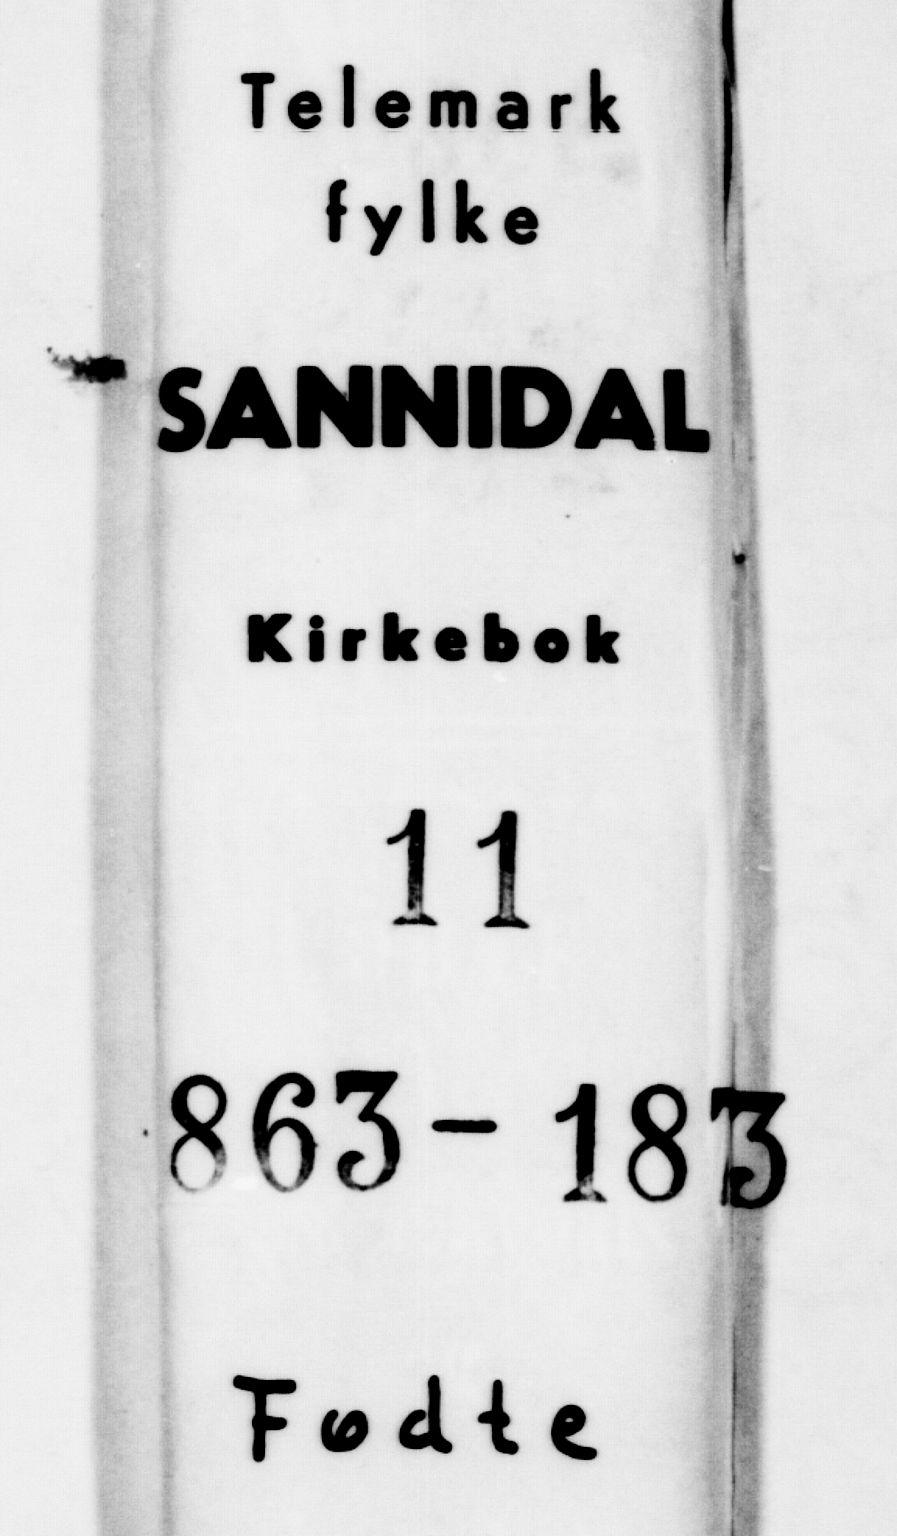 SAKO, Sannidal kirkebøker, F/Fa/L0011: Ministerialbok nr. 11, 1863-1873